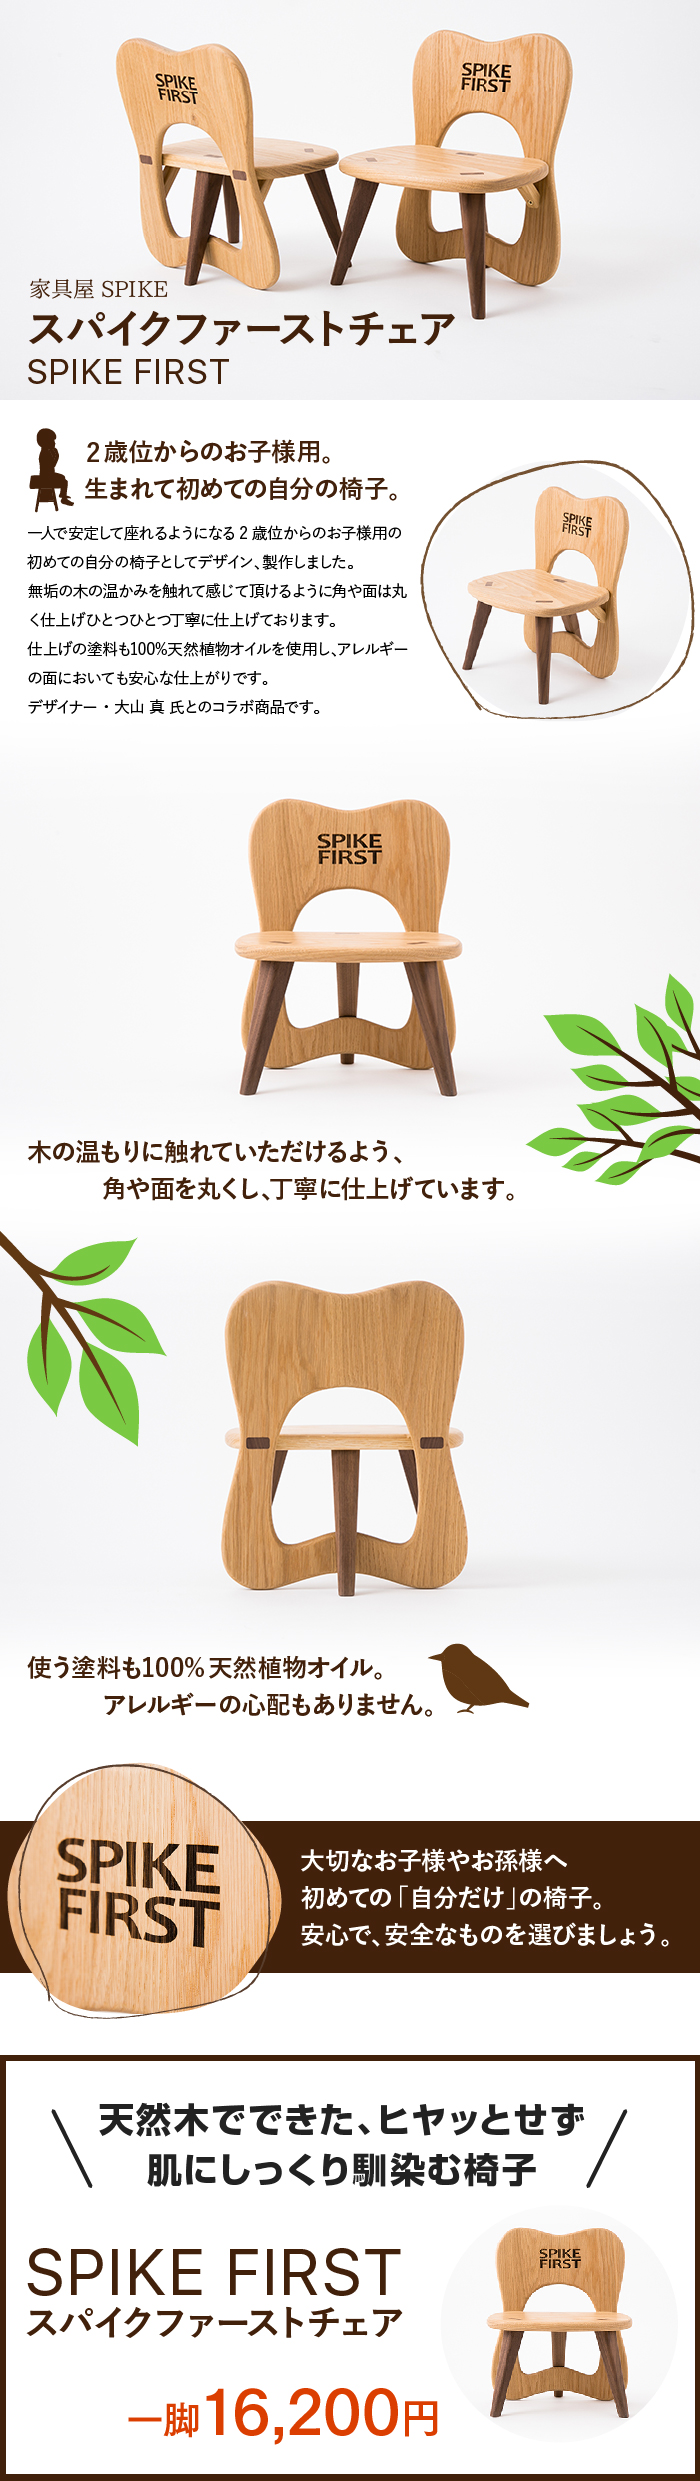 2歳位からのお子様用。 生まれて初めての自分の椅子。